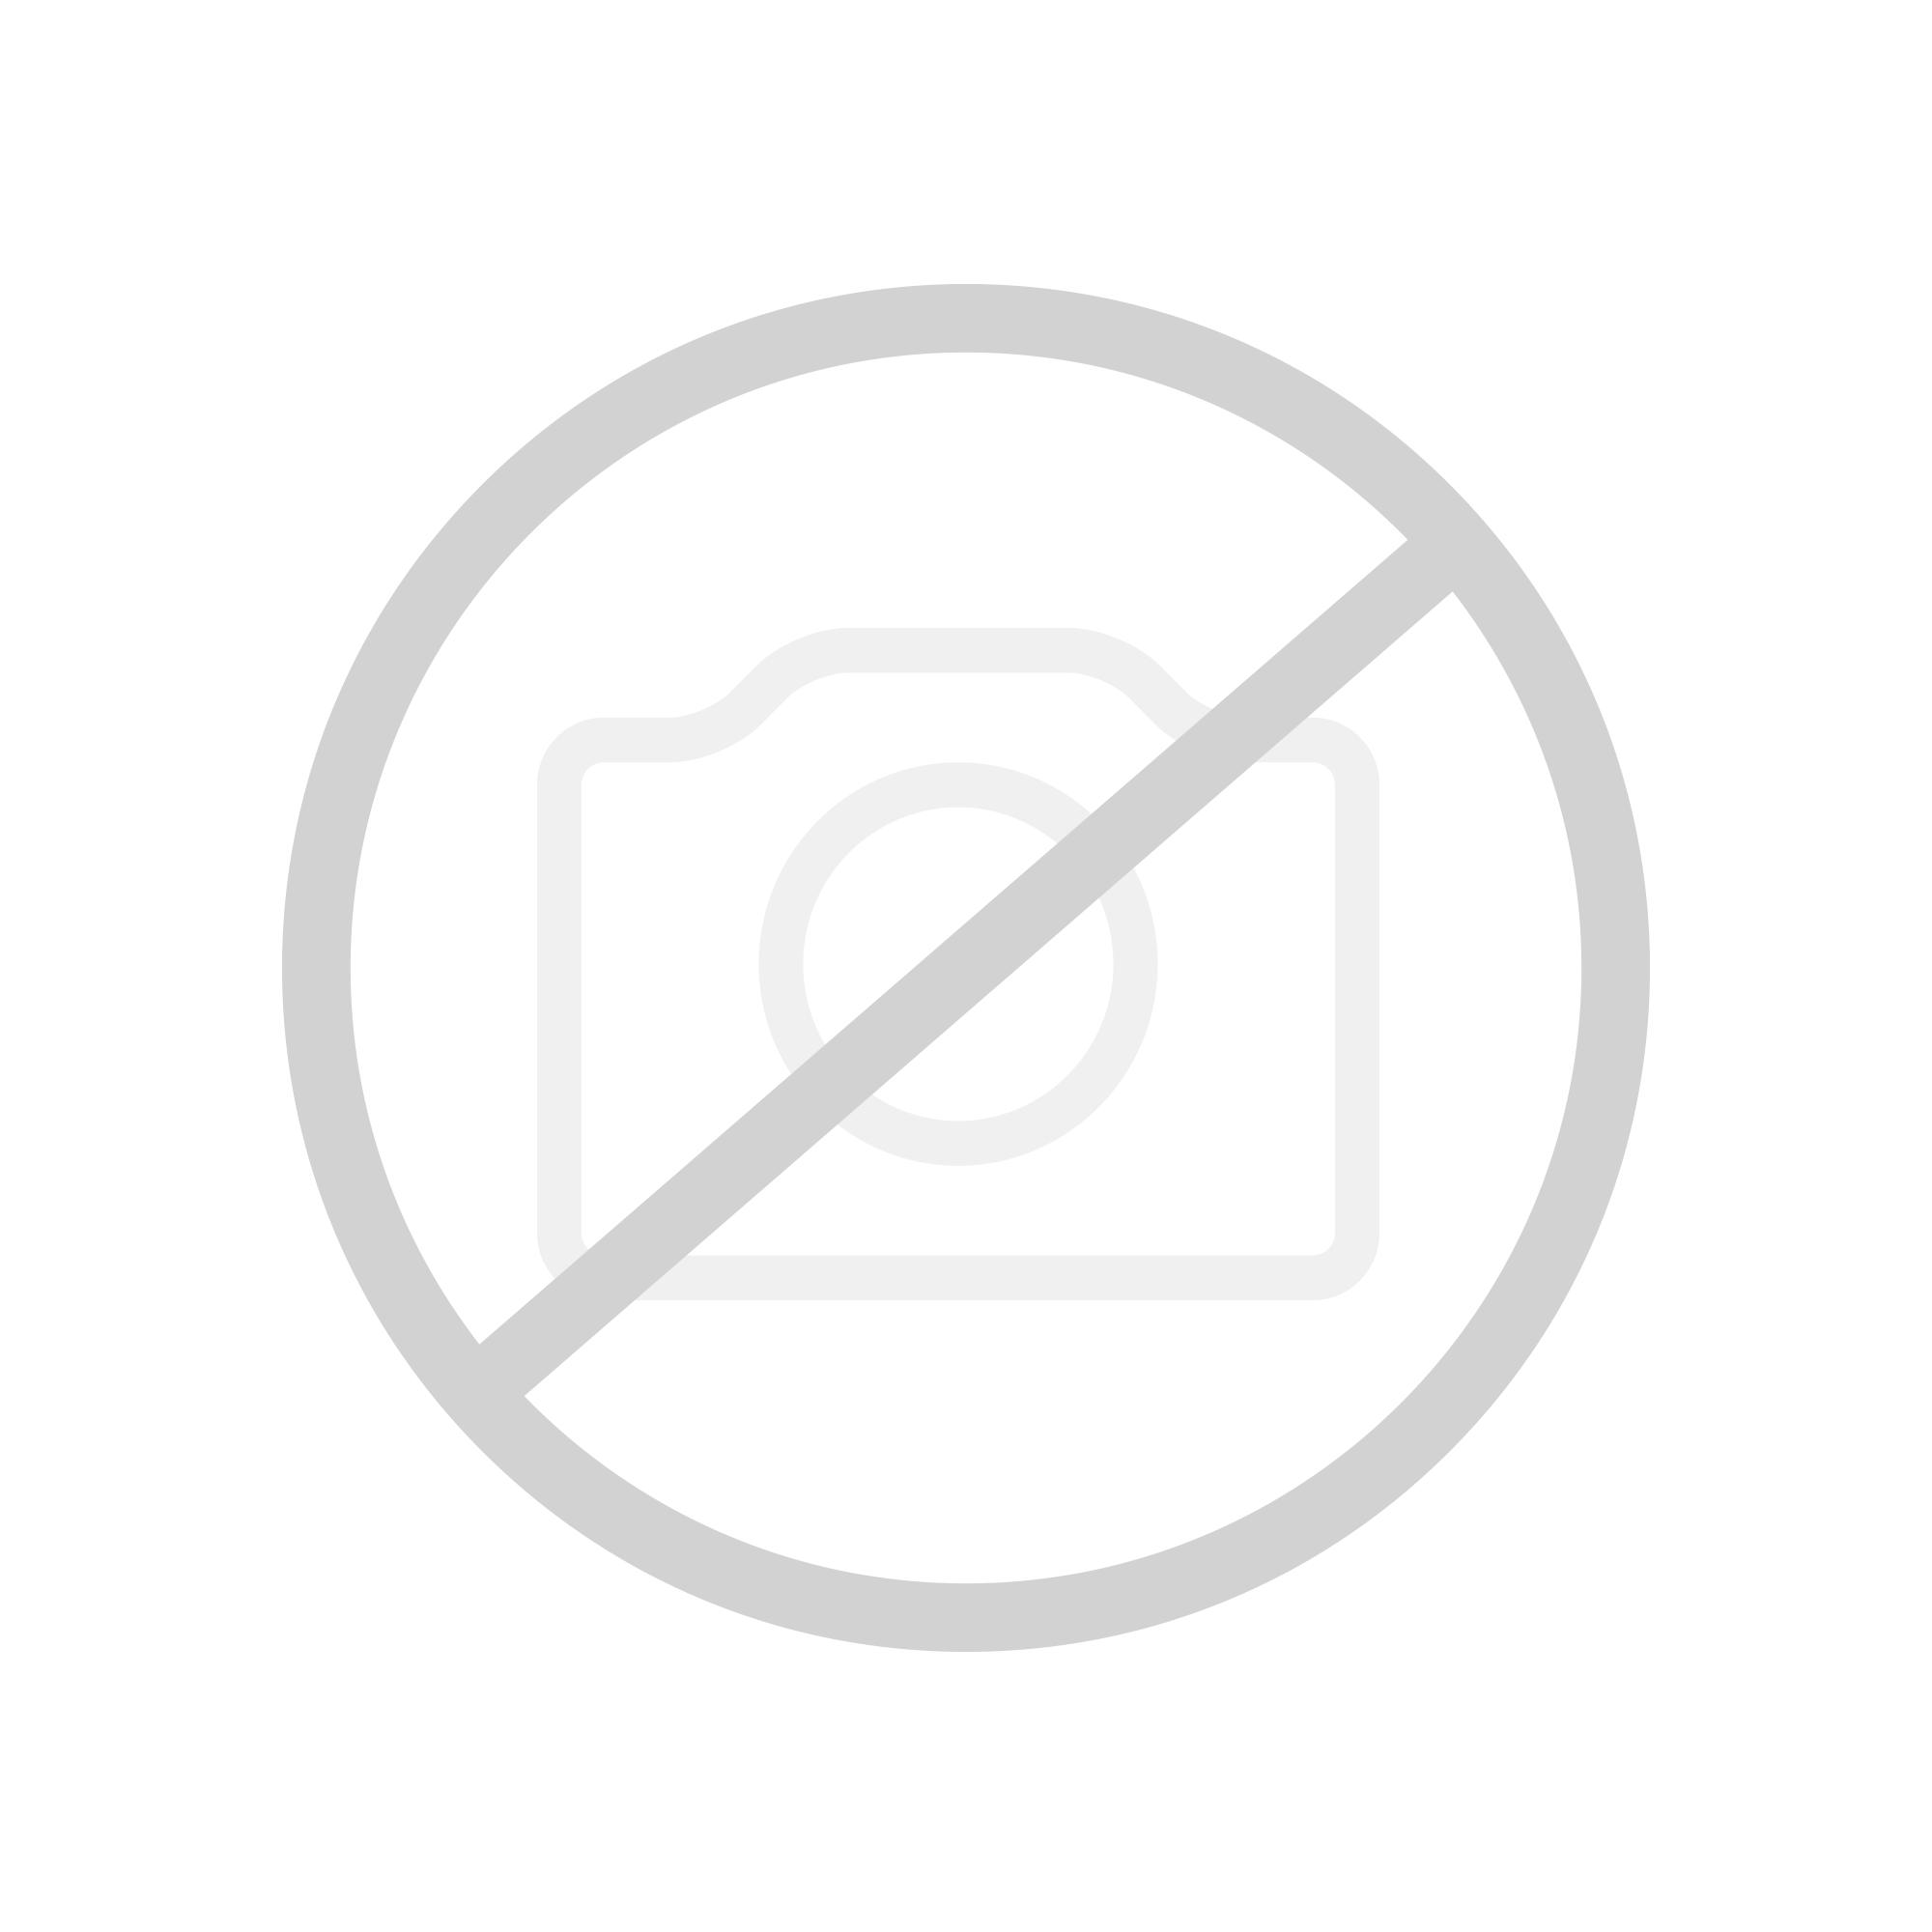 Badewanne freistehend mit füssen  Badewanne Freistehend Mit Füssen | gispatcher.com